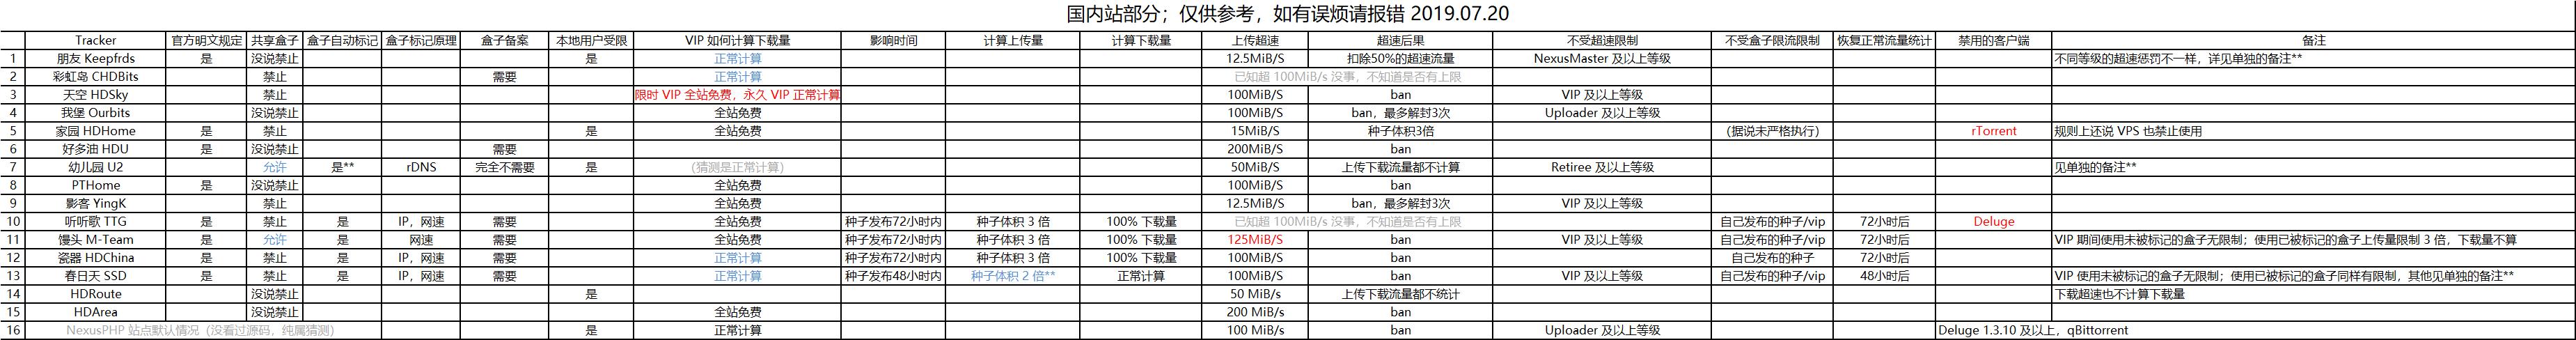 国内站部分限速图.png